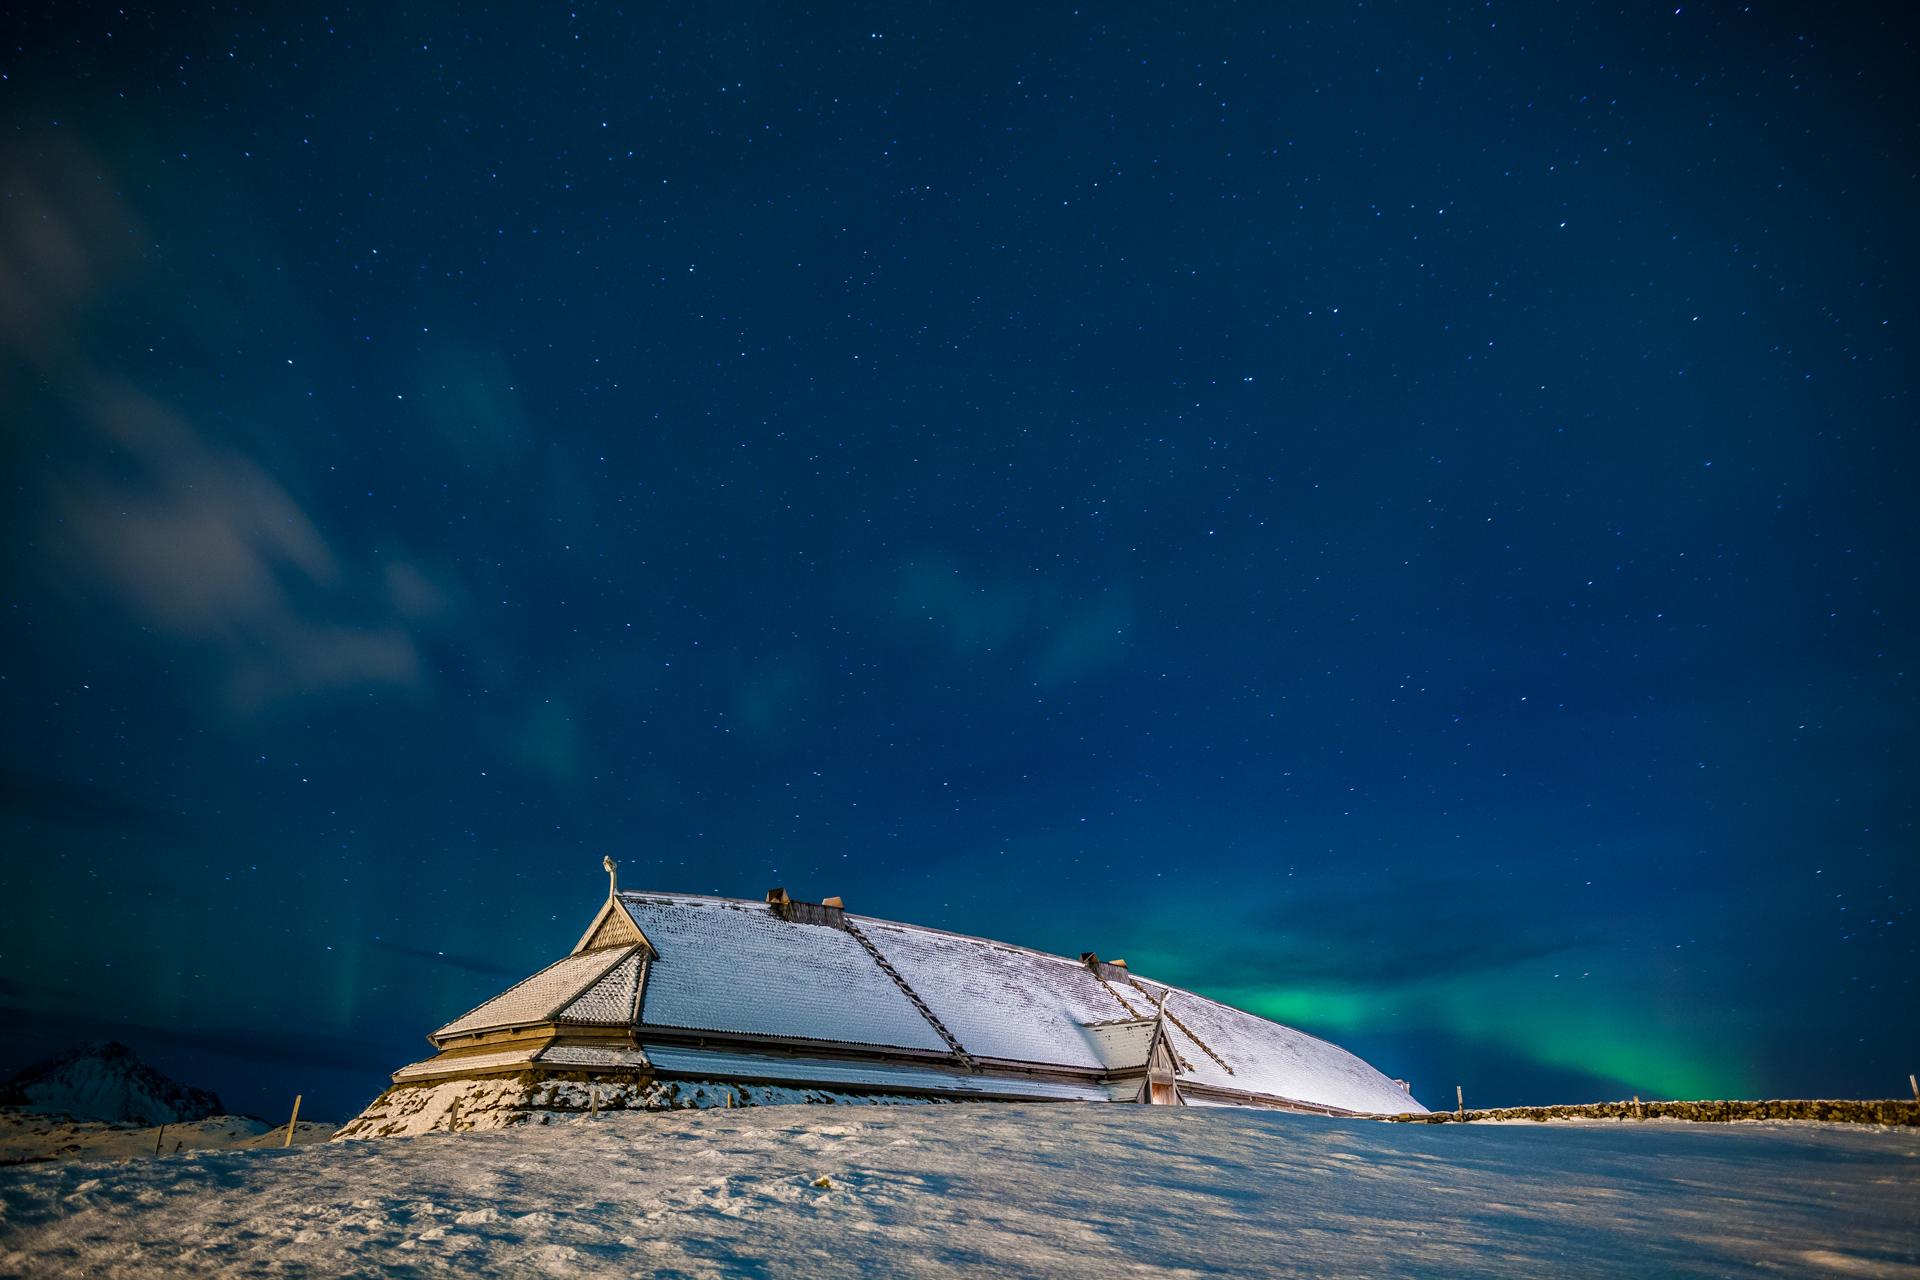 музей викингов лофотр фото того